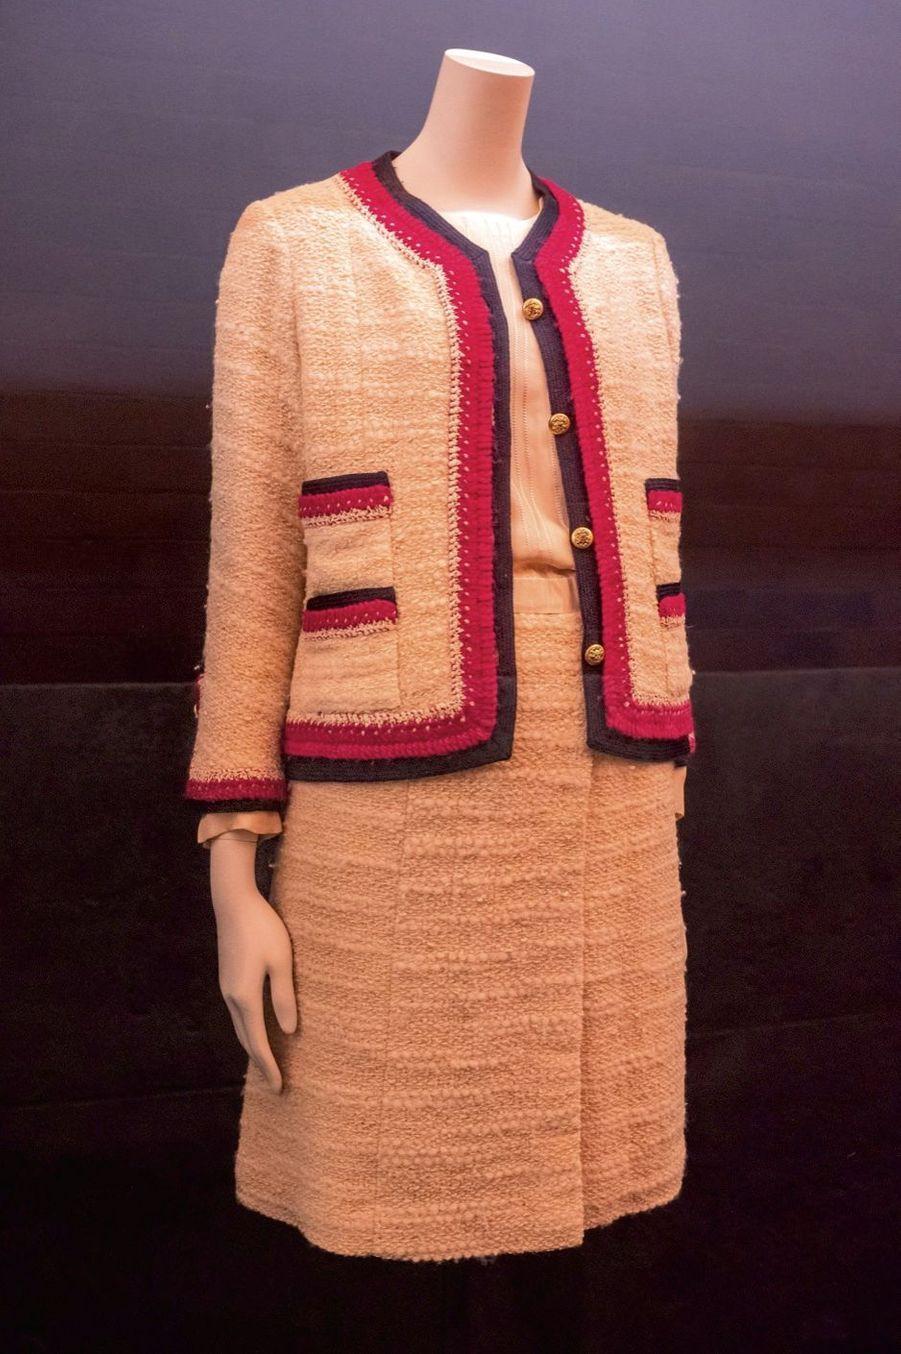 La petite robe en soie frangée, le modèle préféré de Gabrielle Chanel.